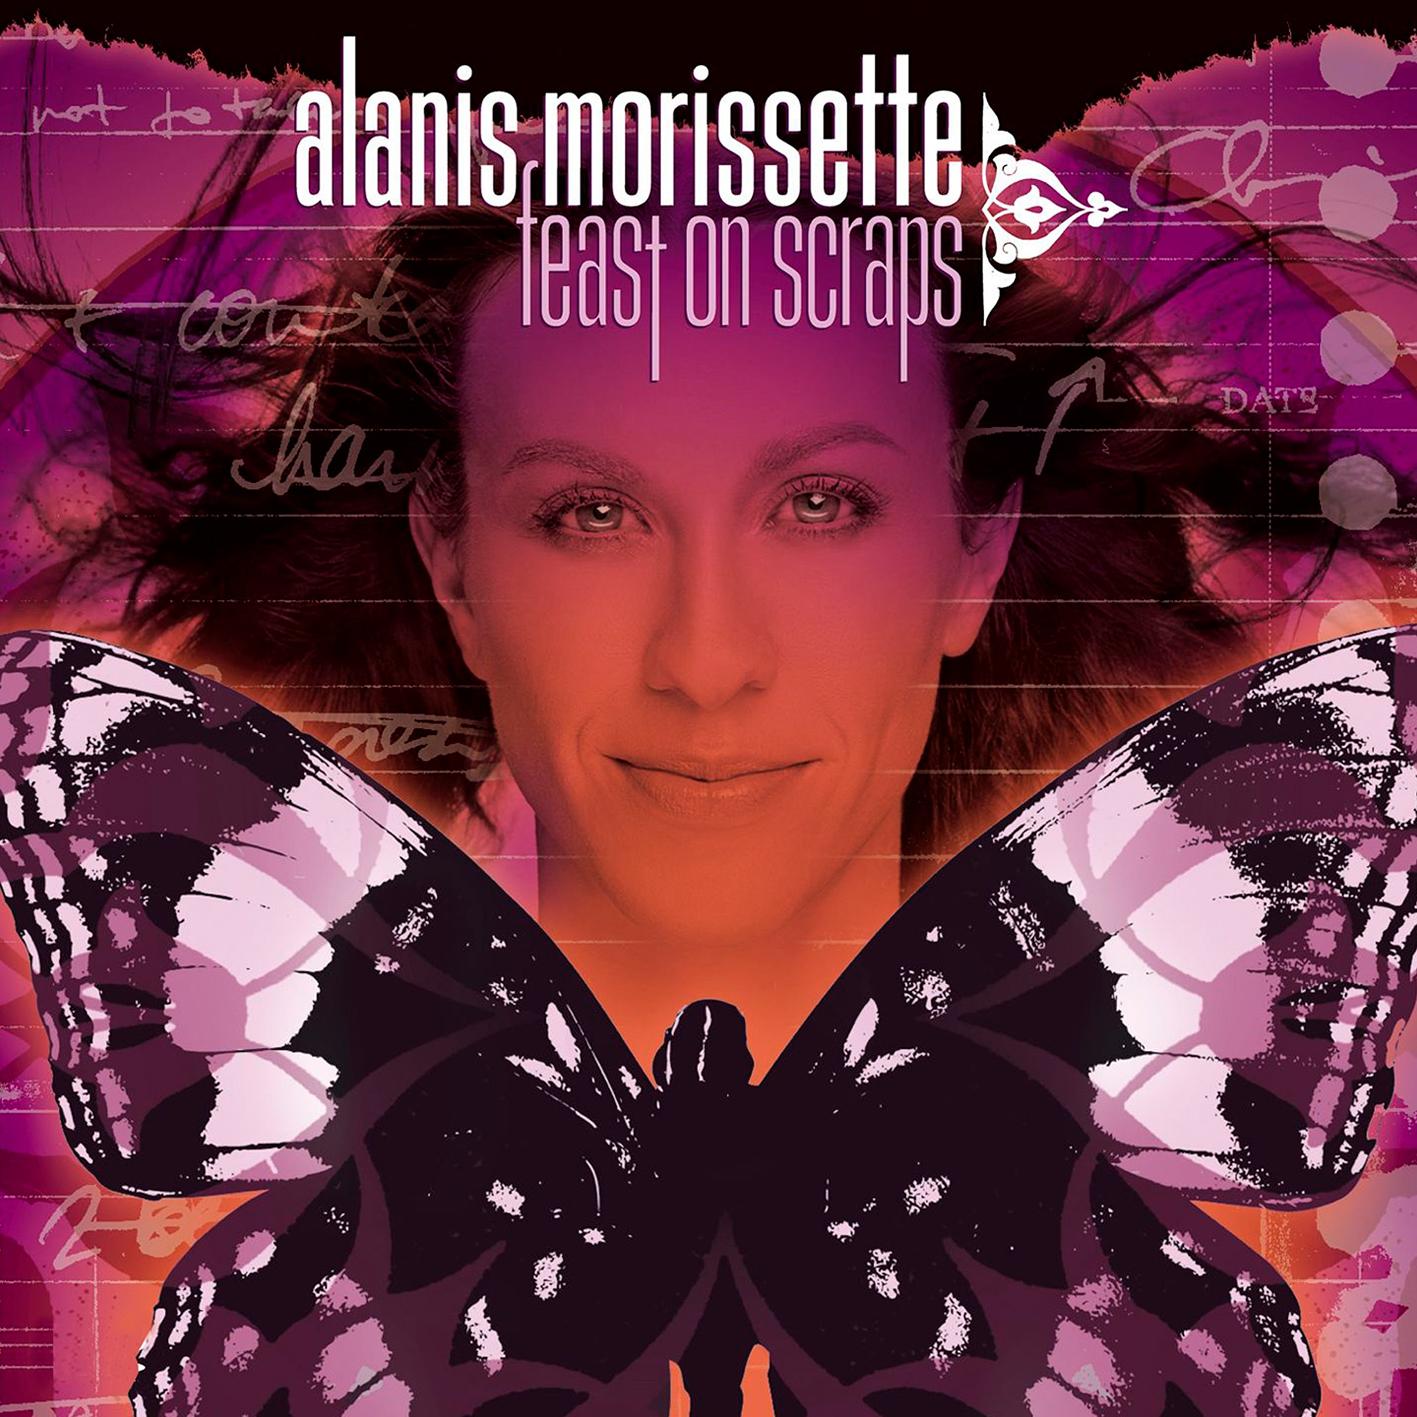 Alanis Morissette – Feast On Scraps (2002/2015) [HDTracks 24-96]